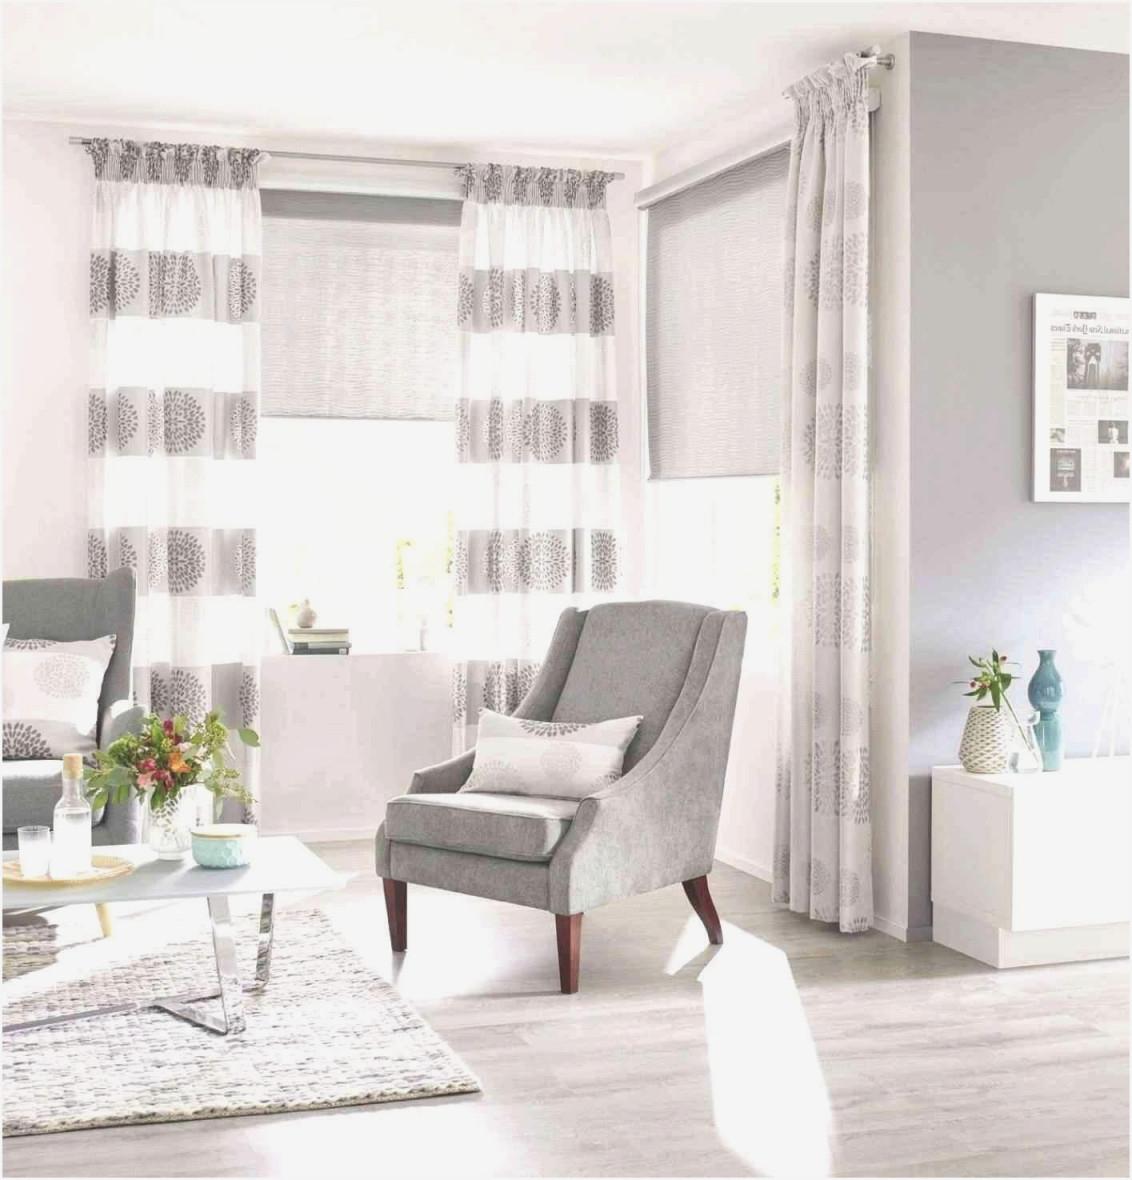 Gardinen Wohnzimmer Vor Dem Heizkrper  Wohnzimmer von Fenstergestaltung Wohnzimmer Ohne Gardinen Bild